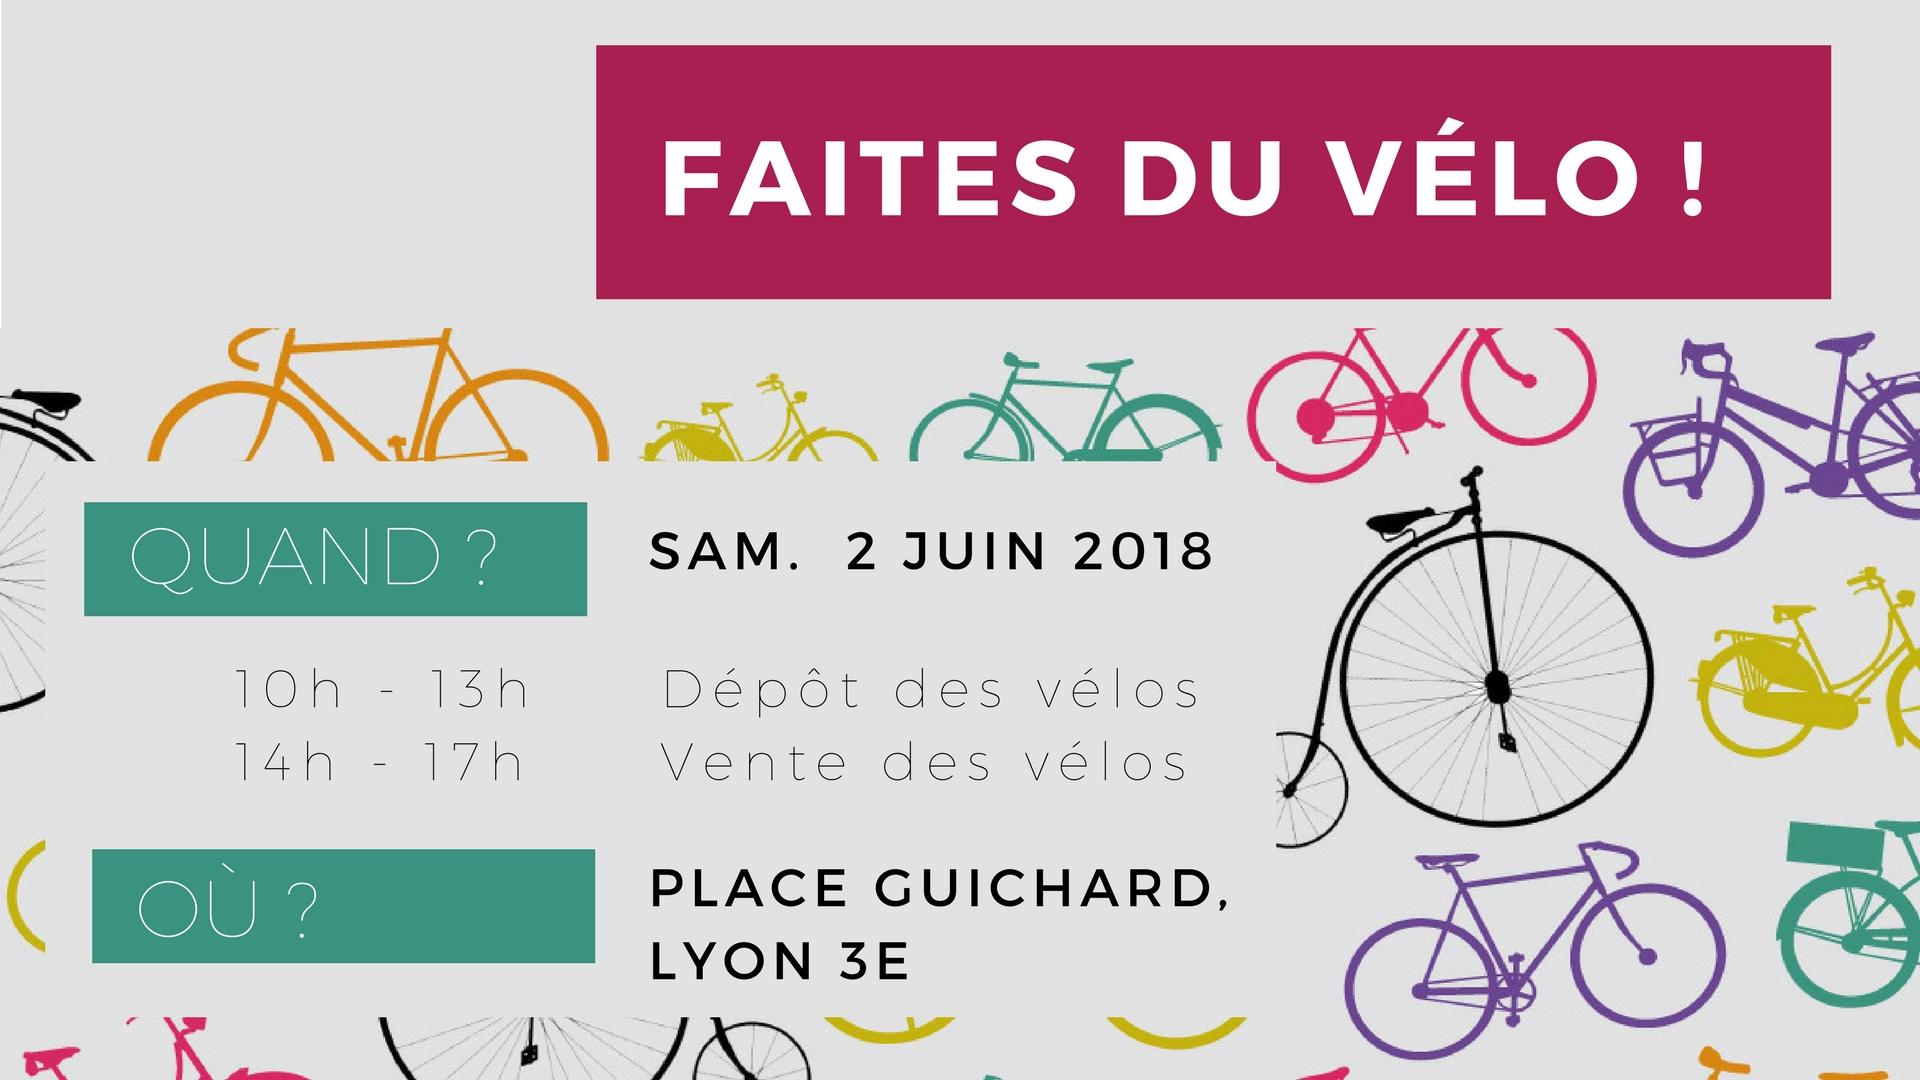 Pignon_sur_rue_faites_du_velo_2juin2018_place